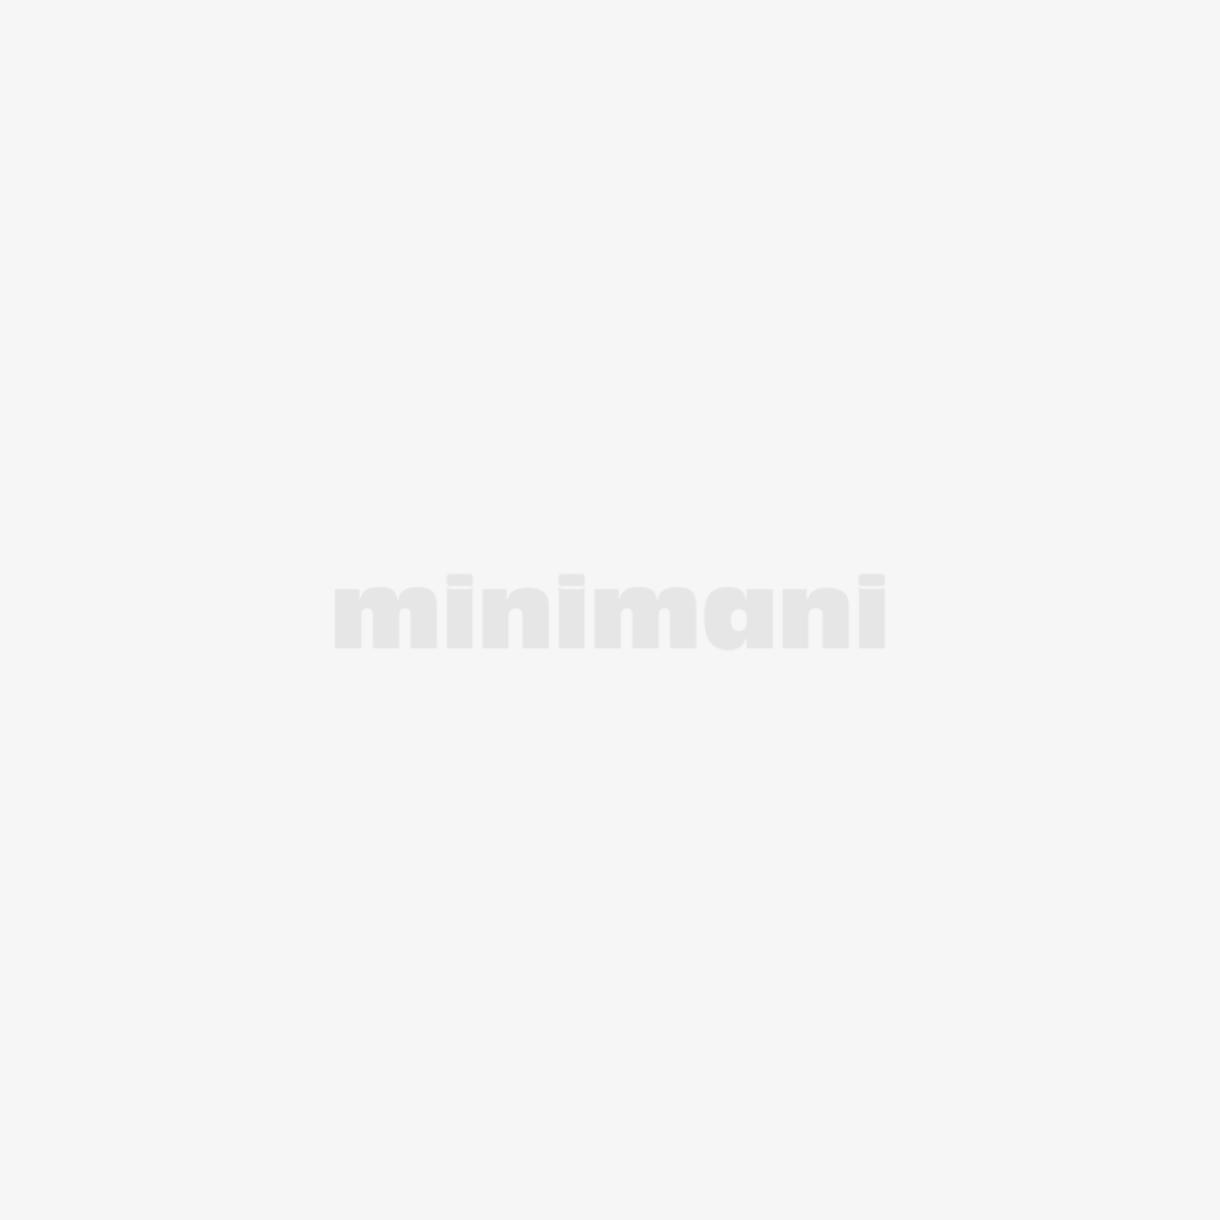 BOSCH LASINPYYHIN 425 AEROTWIN RETROFIT  AR17U